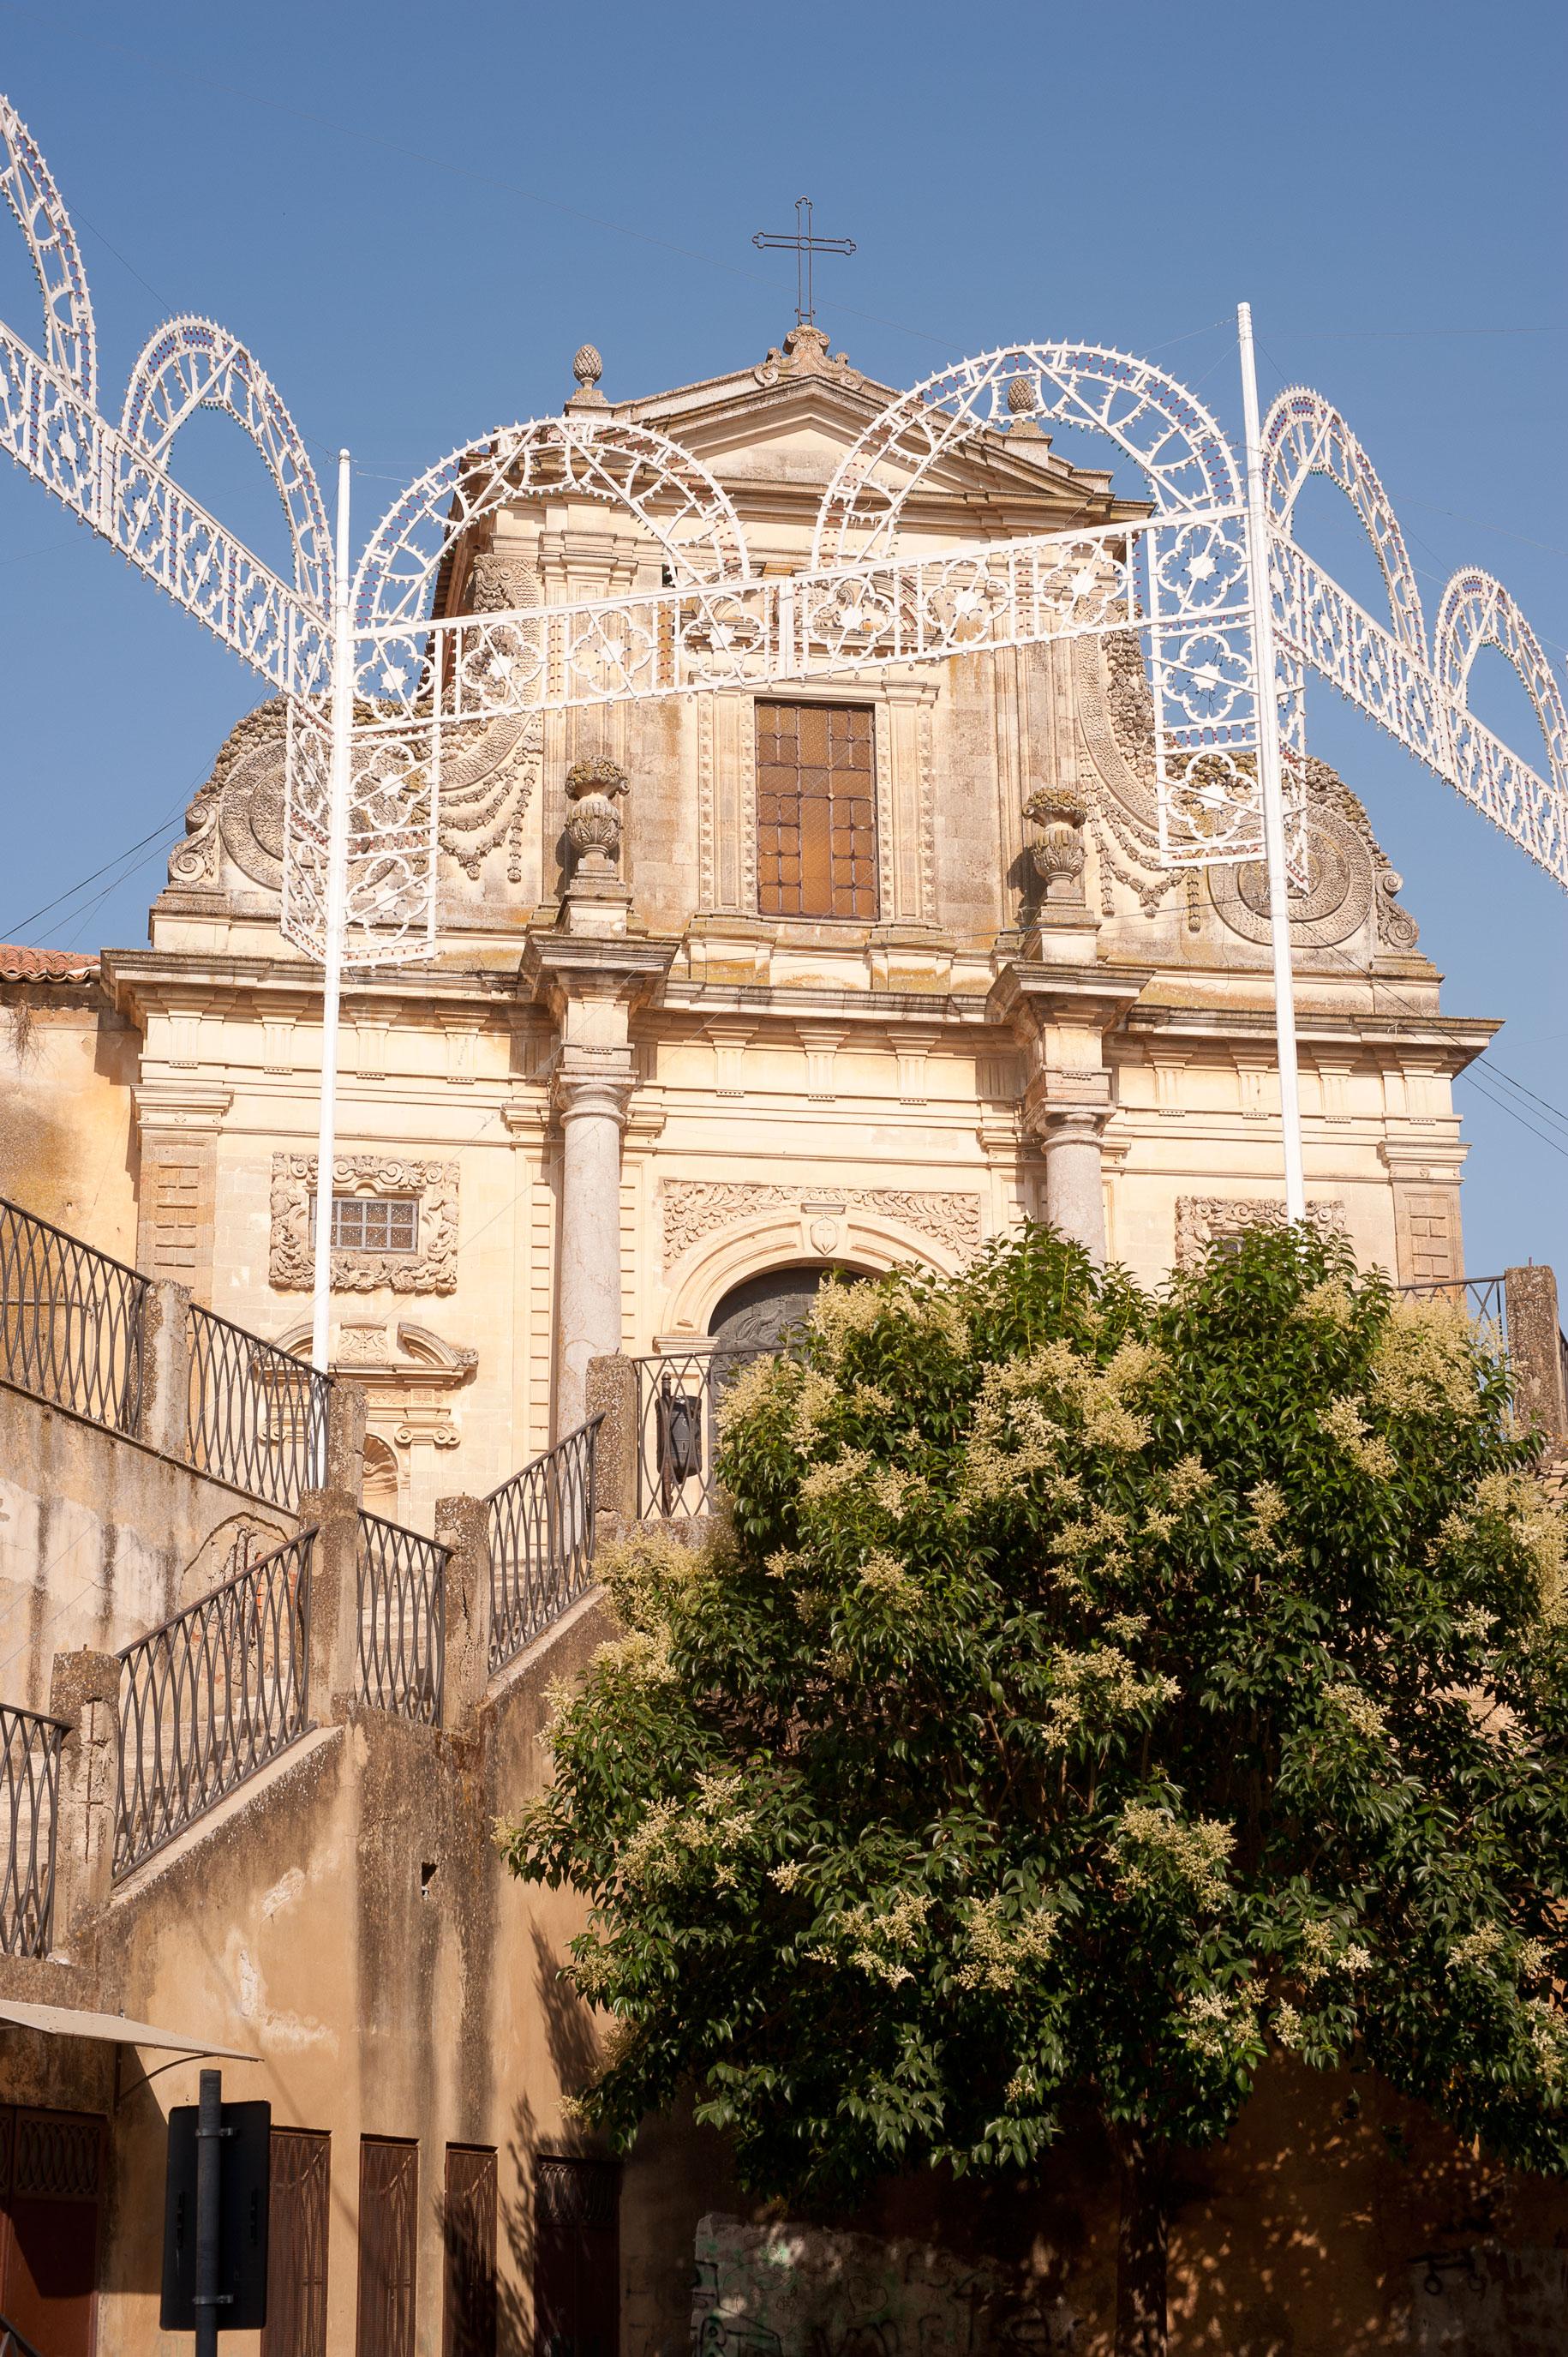 11_Sicily_Caltagirone_3572